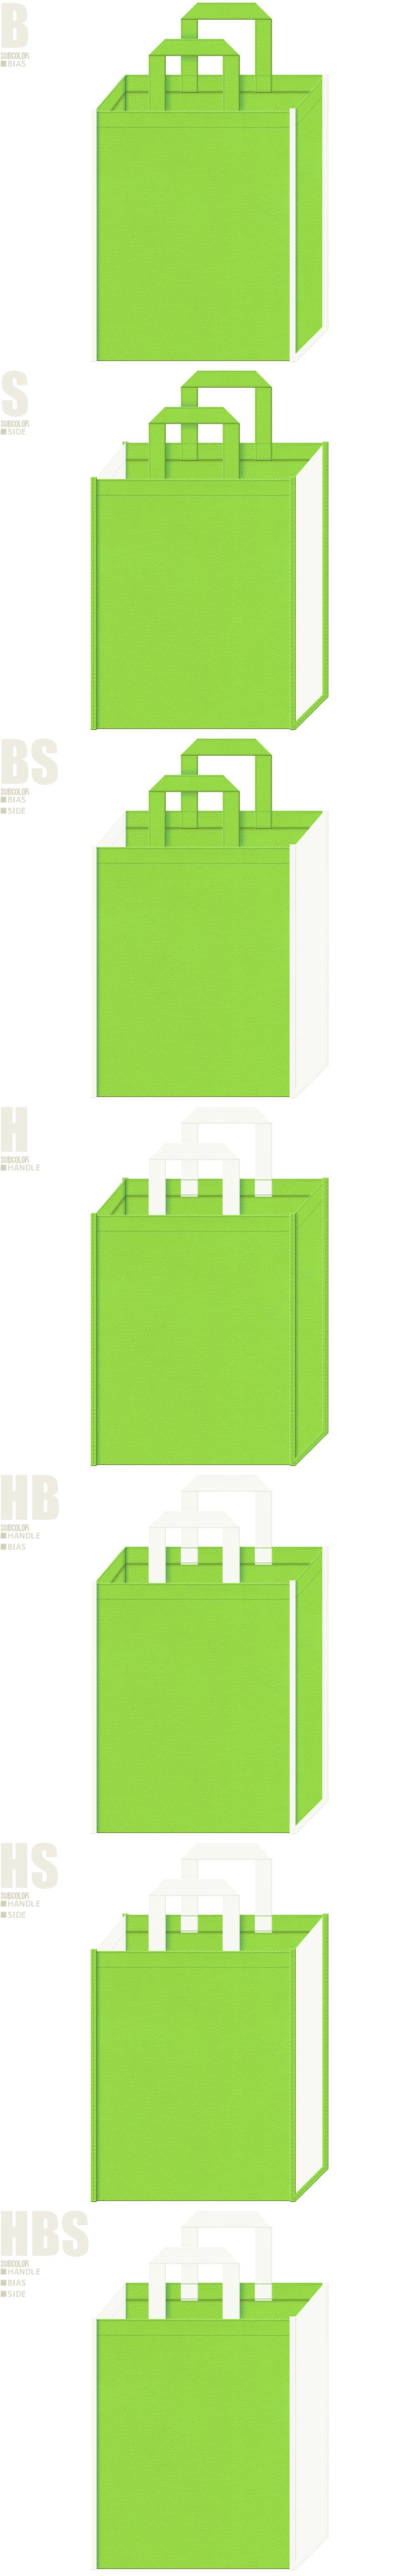 キャベツ・レタス・白ねぎ・カイワレ・水耕栽培・野菜工場・ナチュラル・避暑地・健康器具・健康食品・ハーブ・植物・プランター・園芸用品・緑化推進・エコイベントにお奨めの不織布バッグデザイン:黄緑色とオフホワイト色の配色7パターン